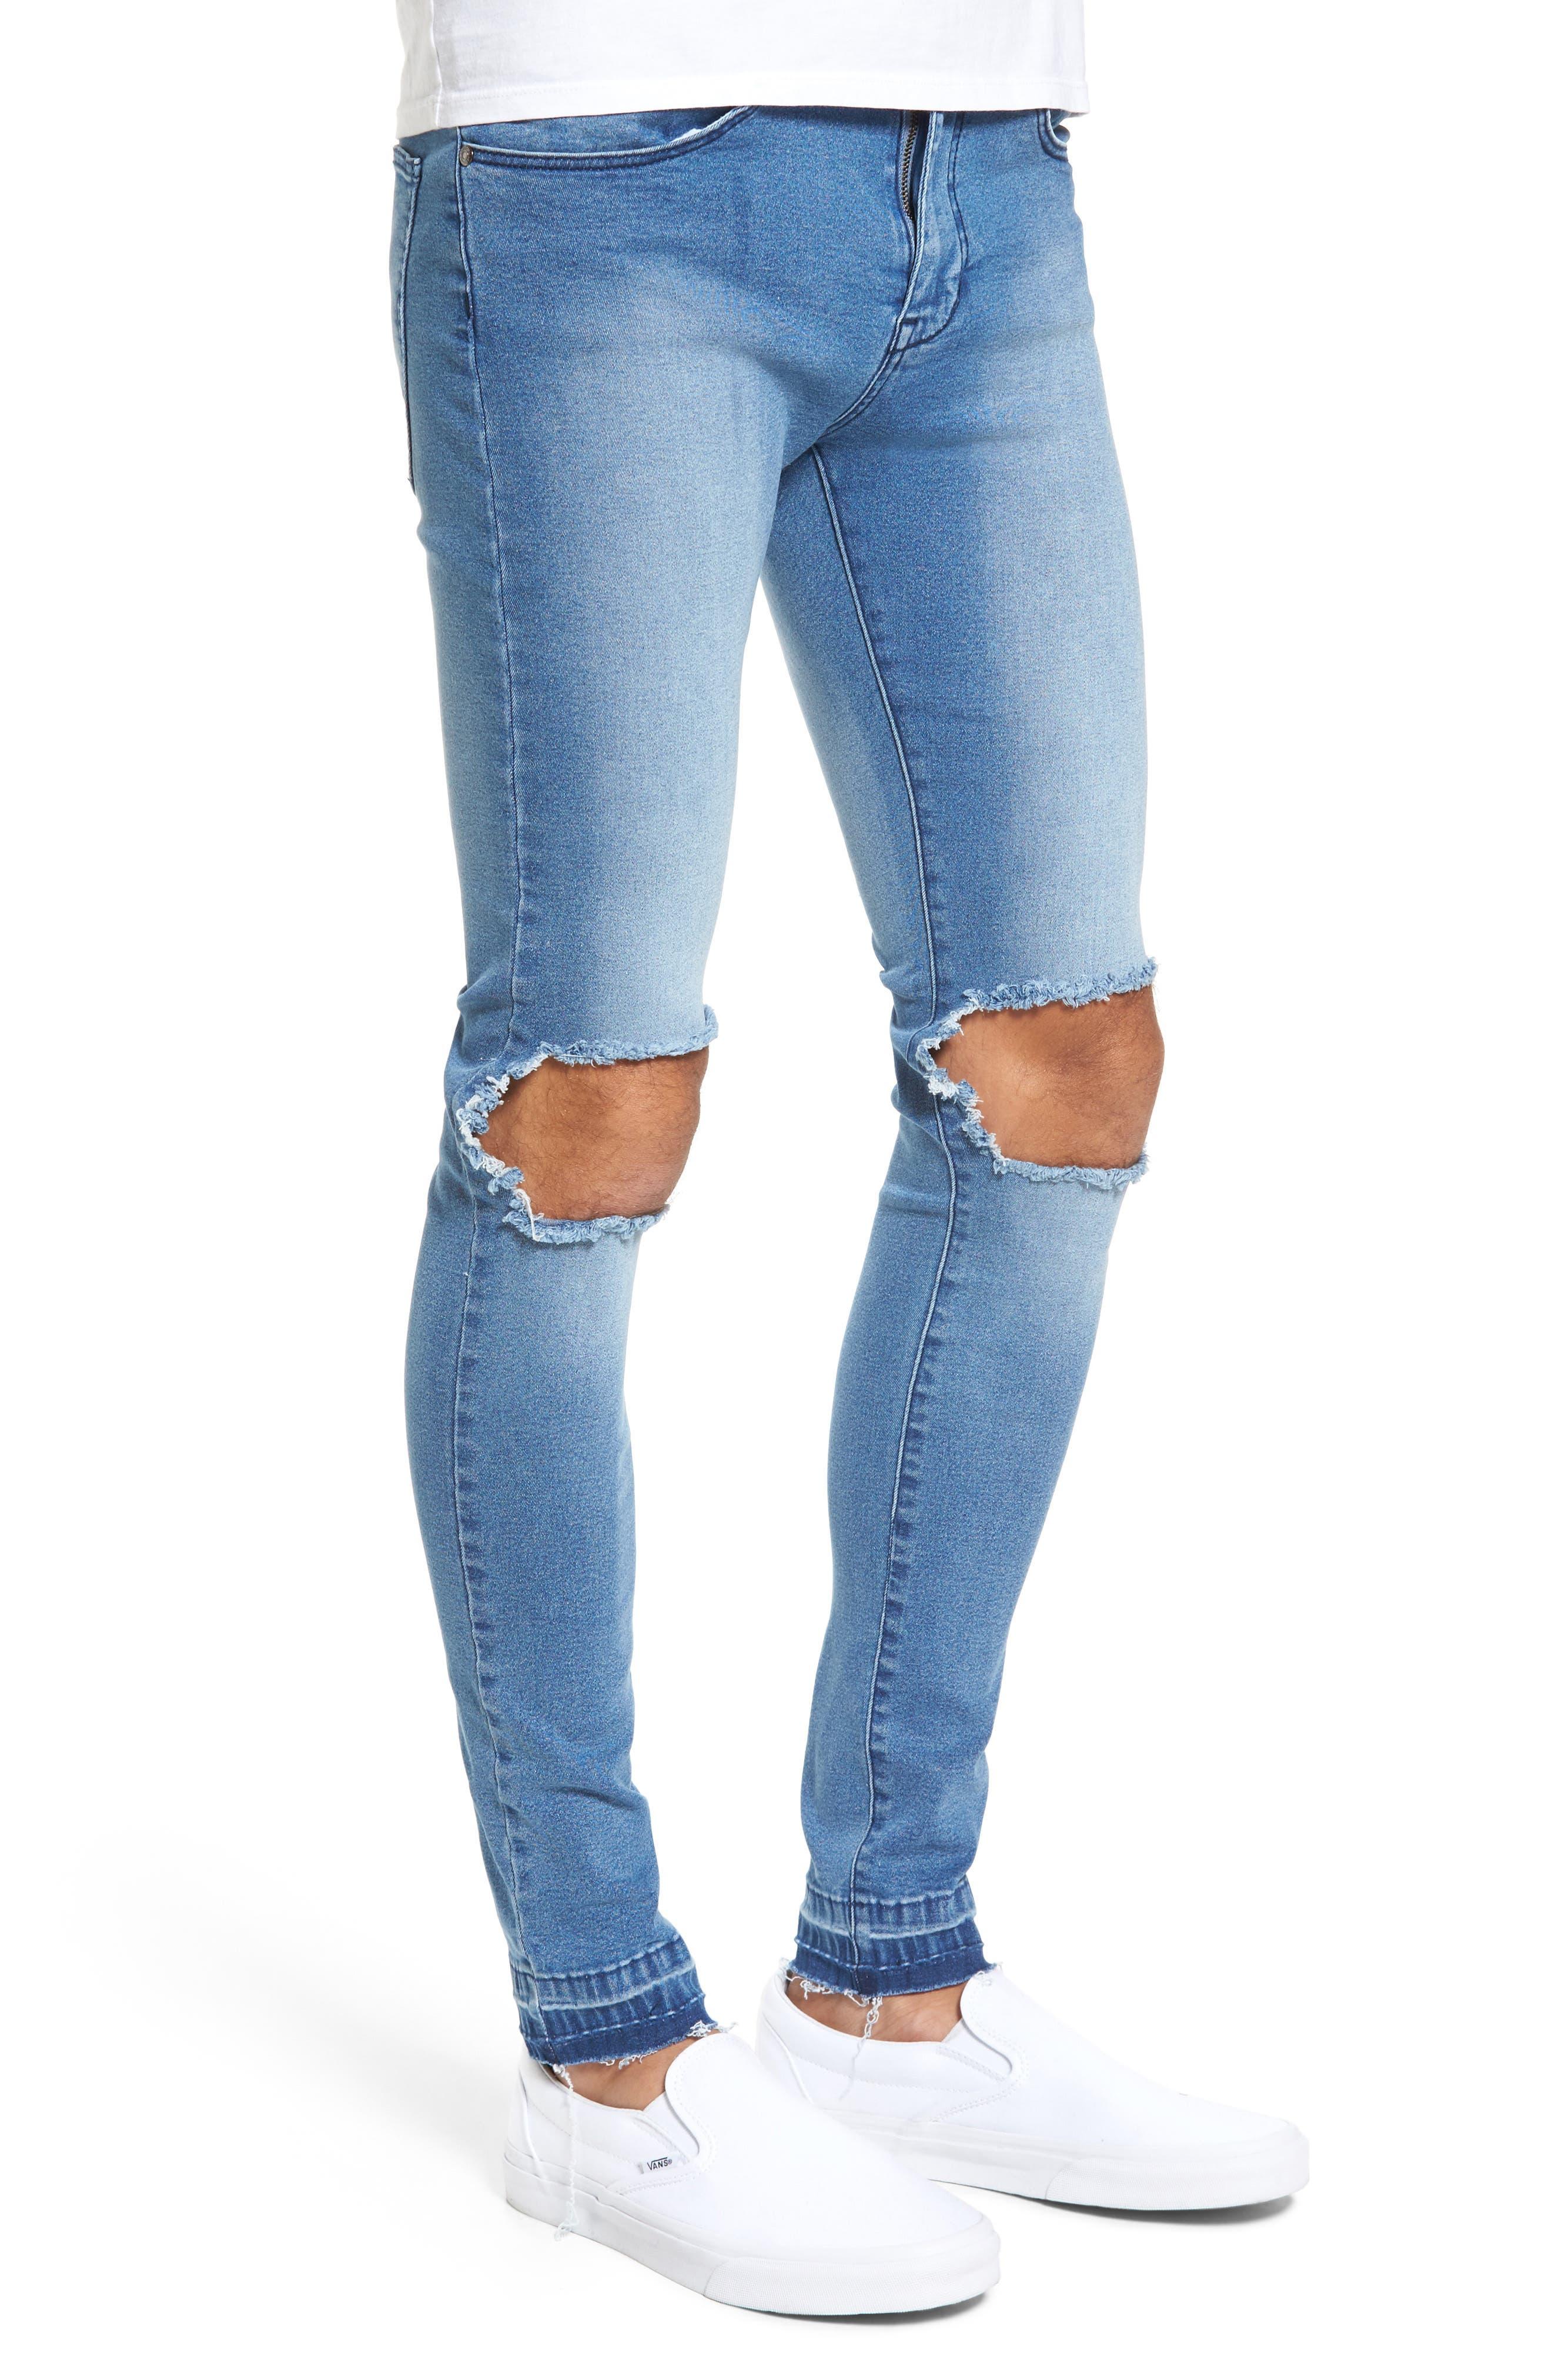 Leroy Slim Fit Jeans,                             Alternate thumbnail 3, color,                             400